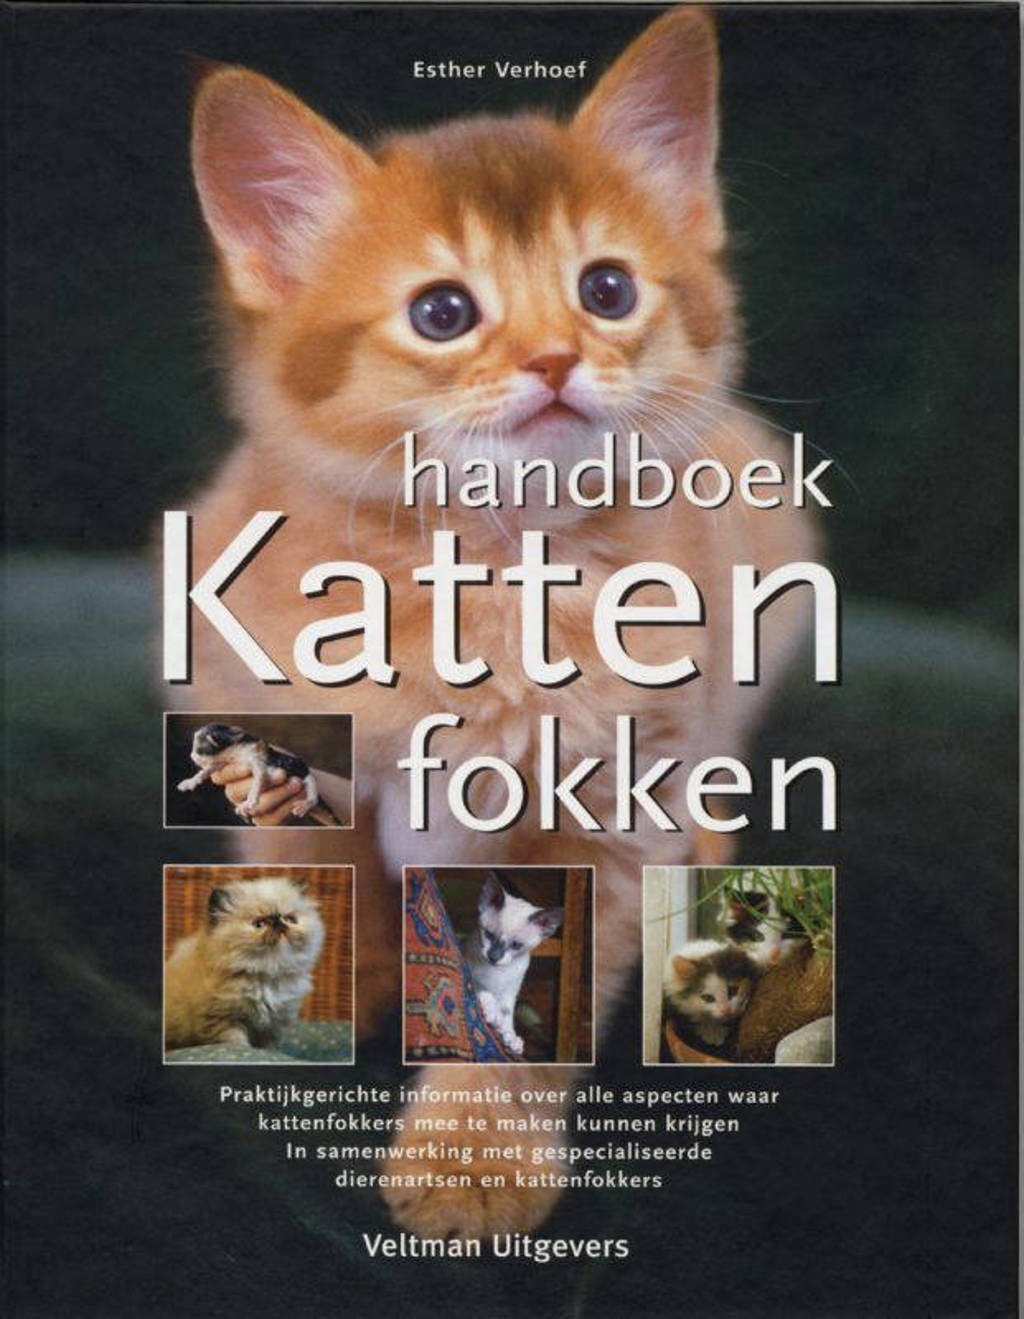 Handboek katten fokken - Esther Verhoef